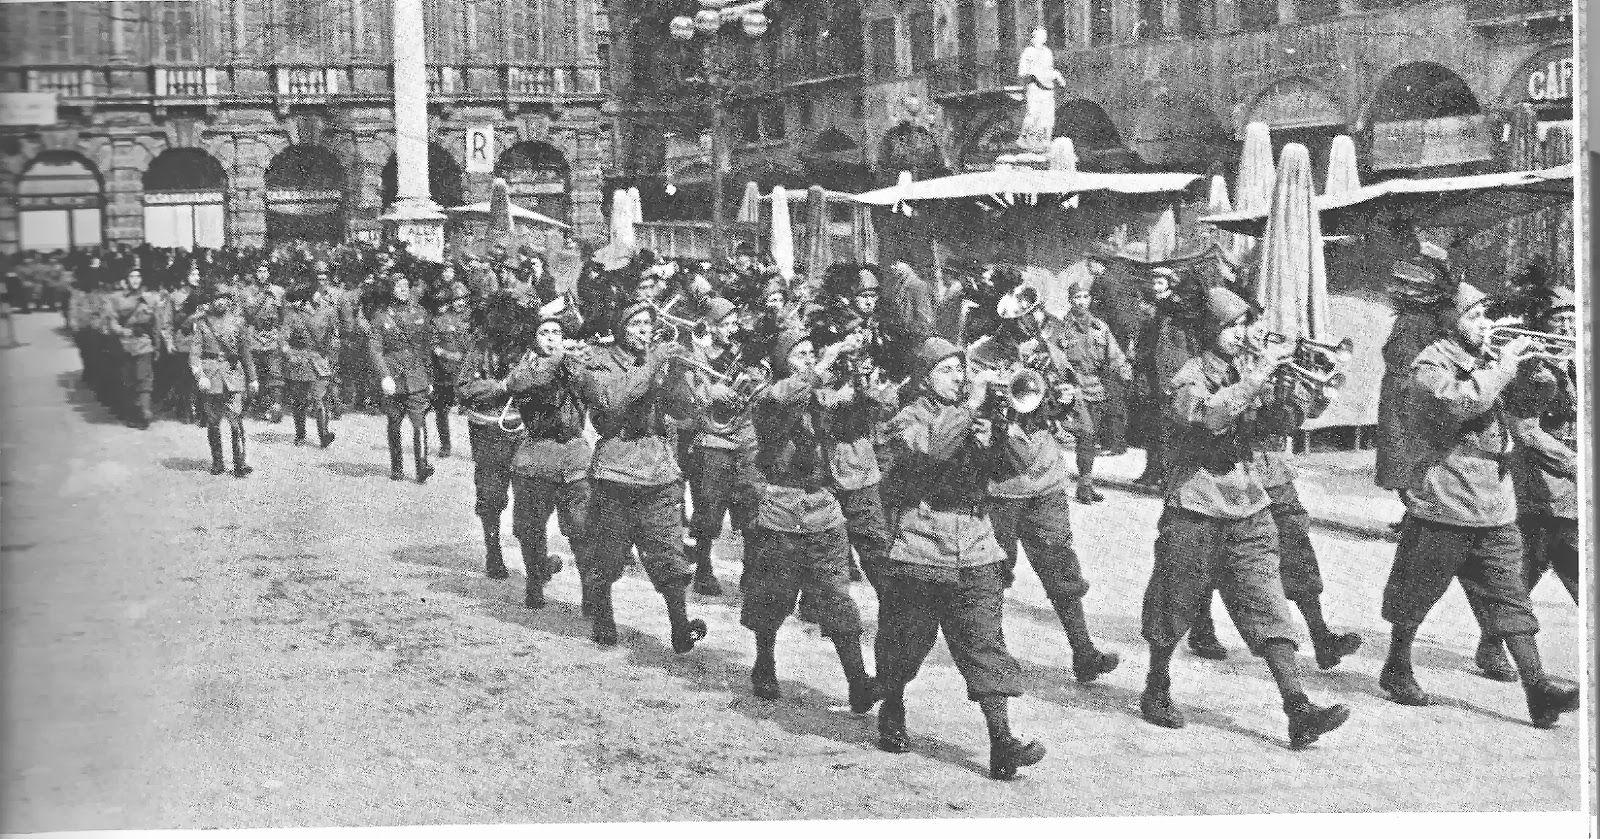 """Verona - Marzo 1944 - partenza per il fronte del reparto noto come I° battaglione bersaglieri volontari """"Benito Mussolini""""."""